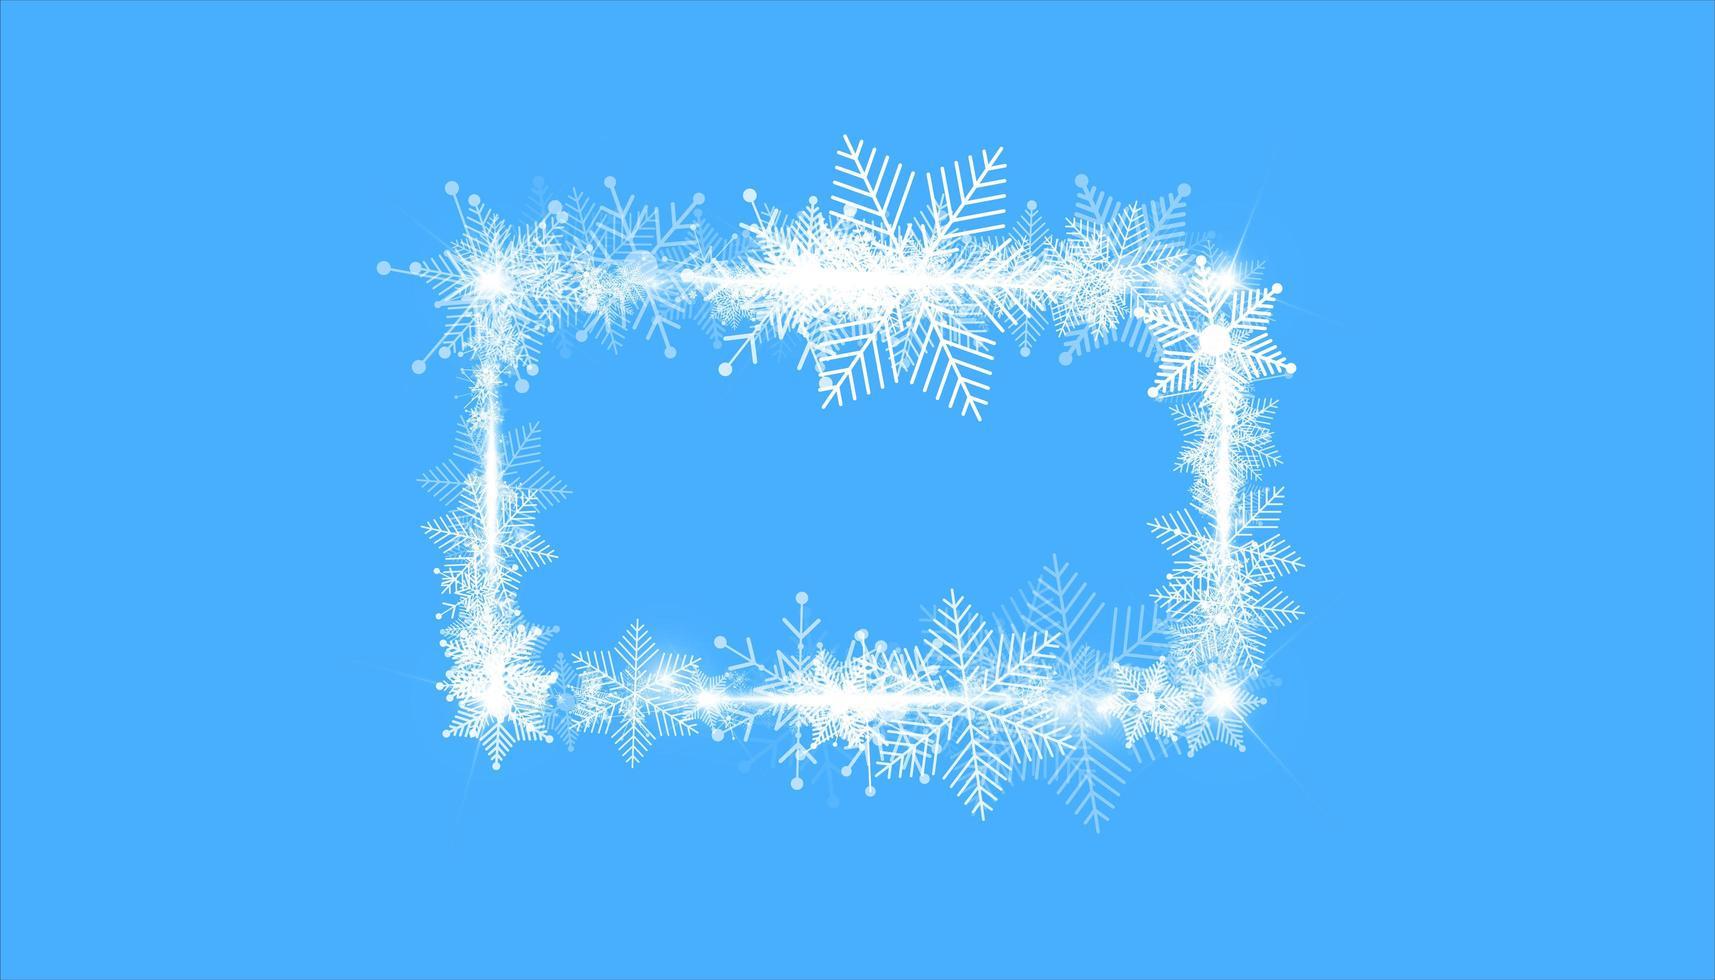 rechthoekige wintersneeuw framerand met sterren, sparkles en sneeuwvlokken op blauw vector